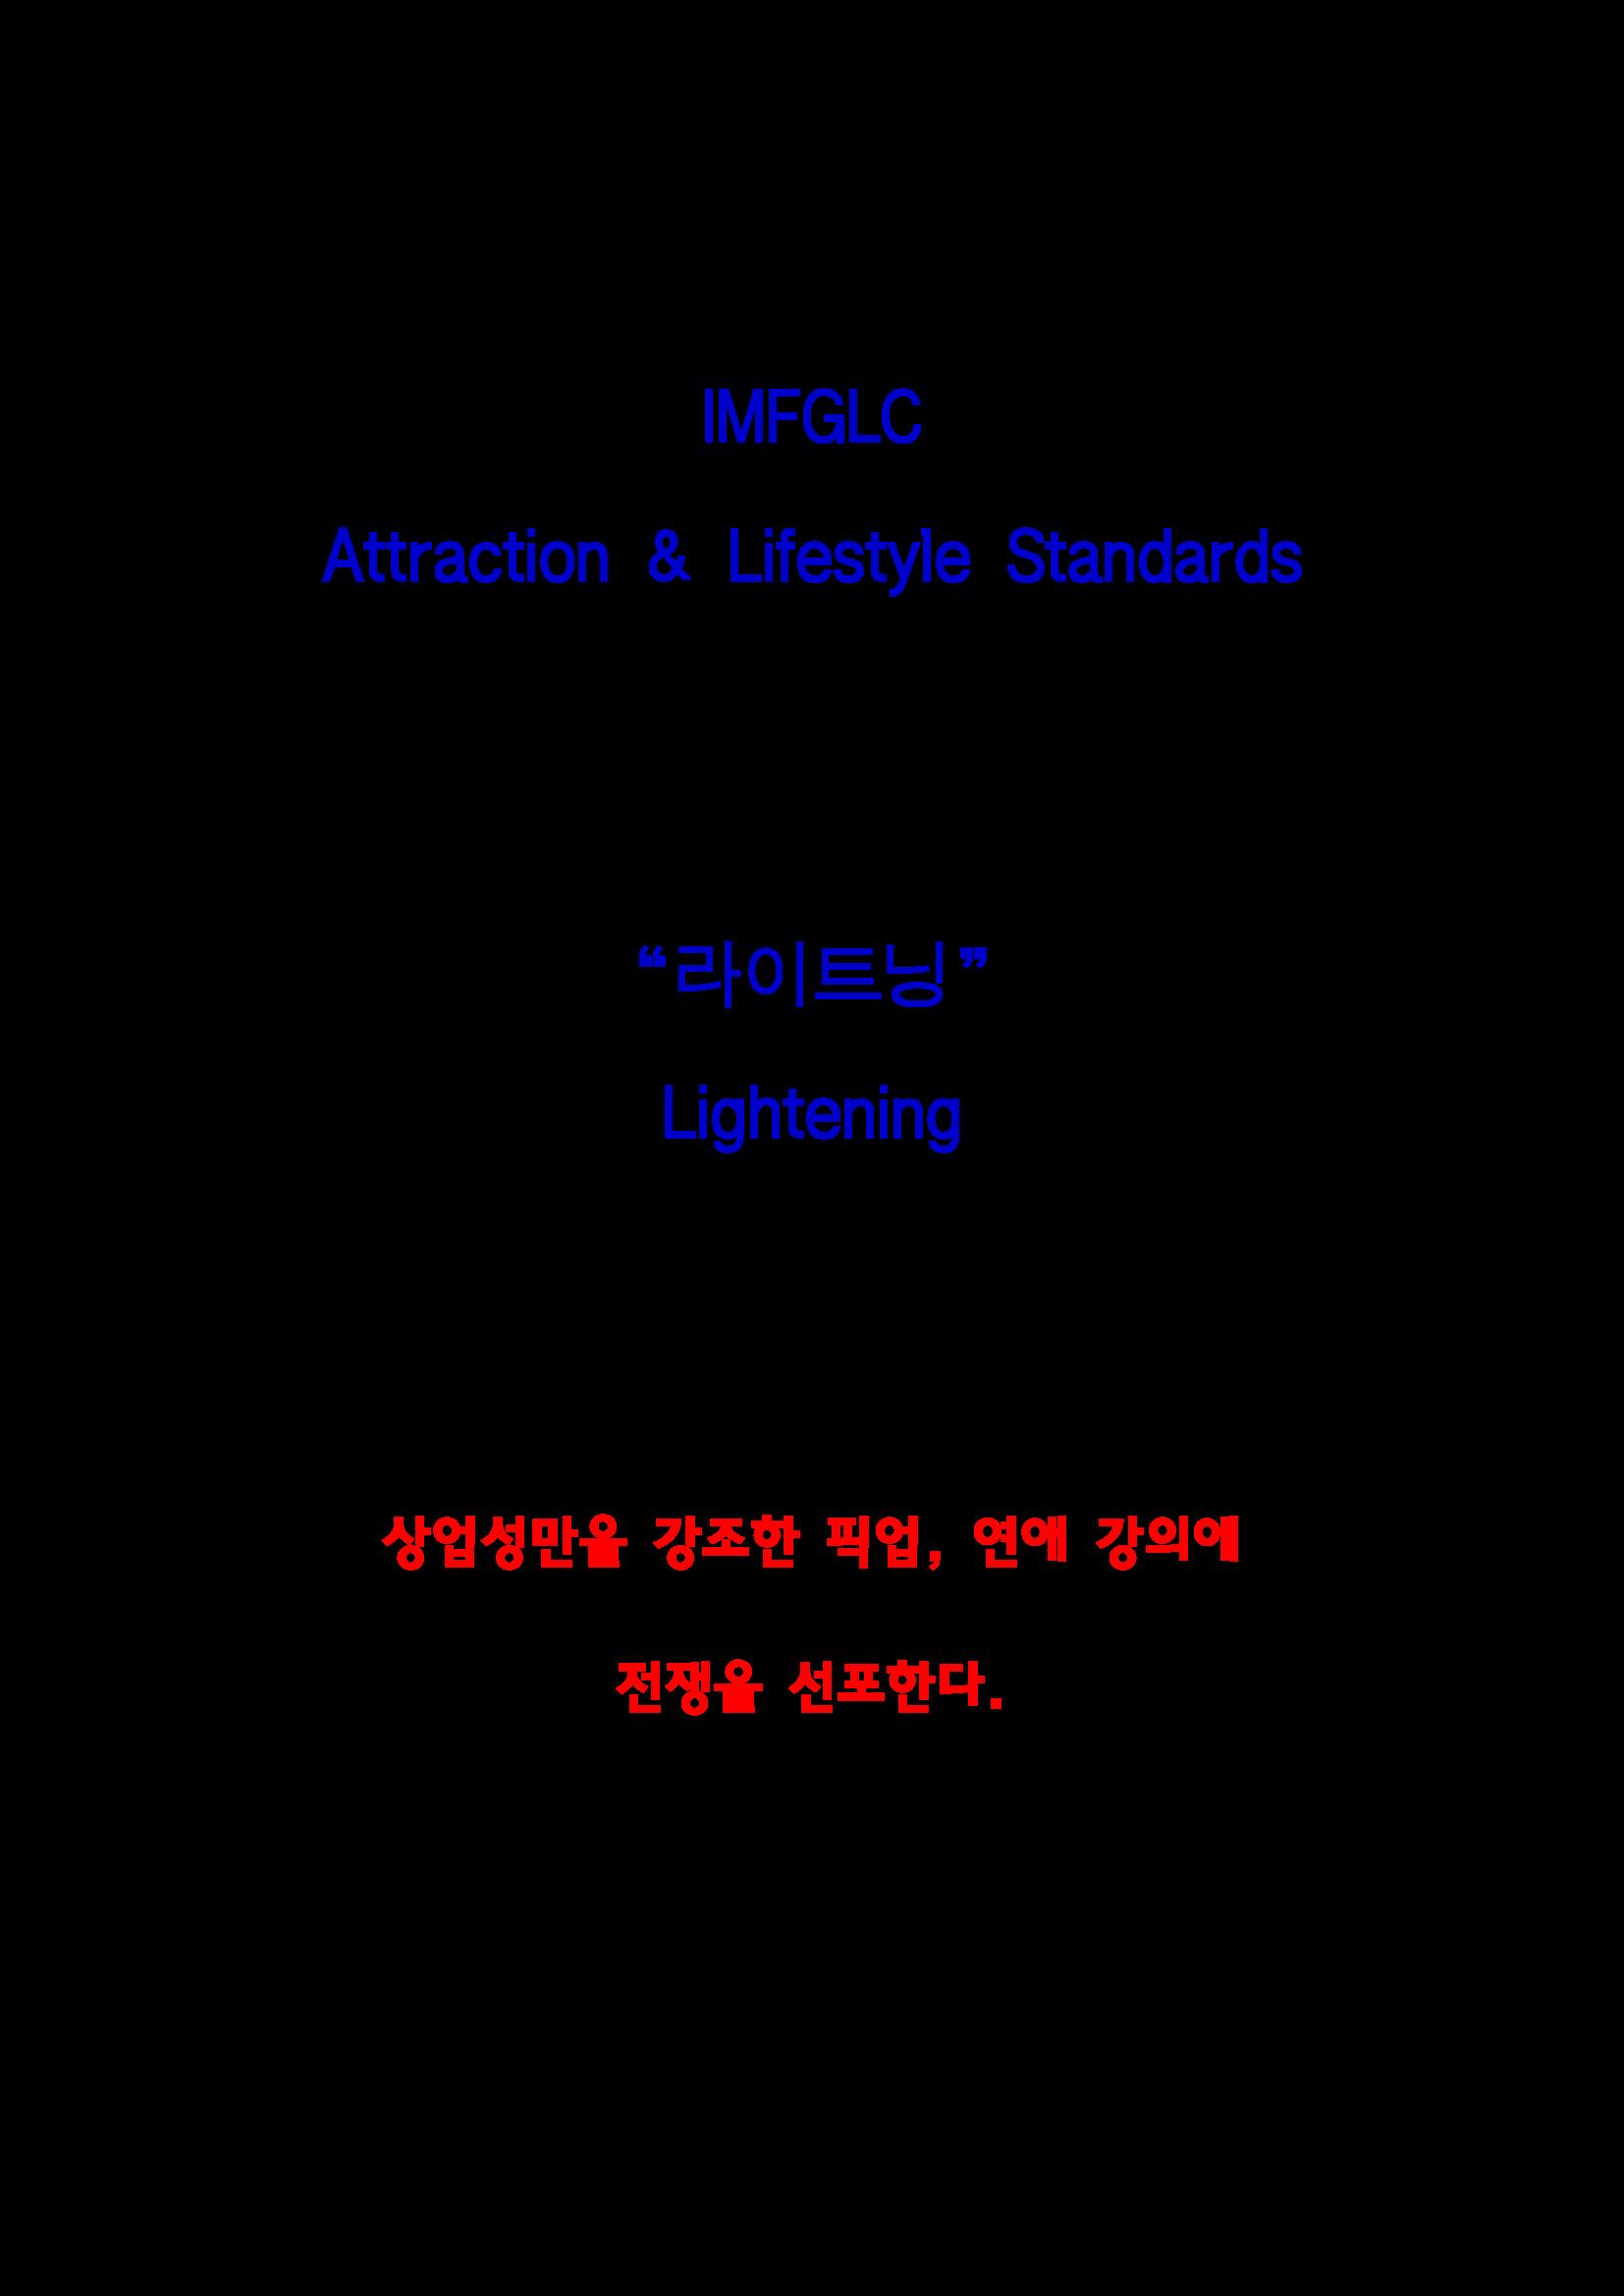 제 11회 Ultimate Lightening(진짜)_페이지_03.png